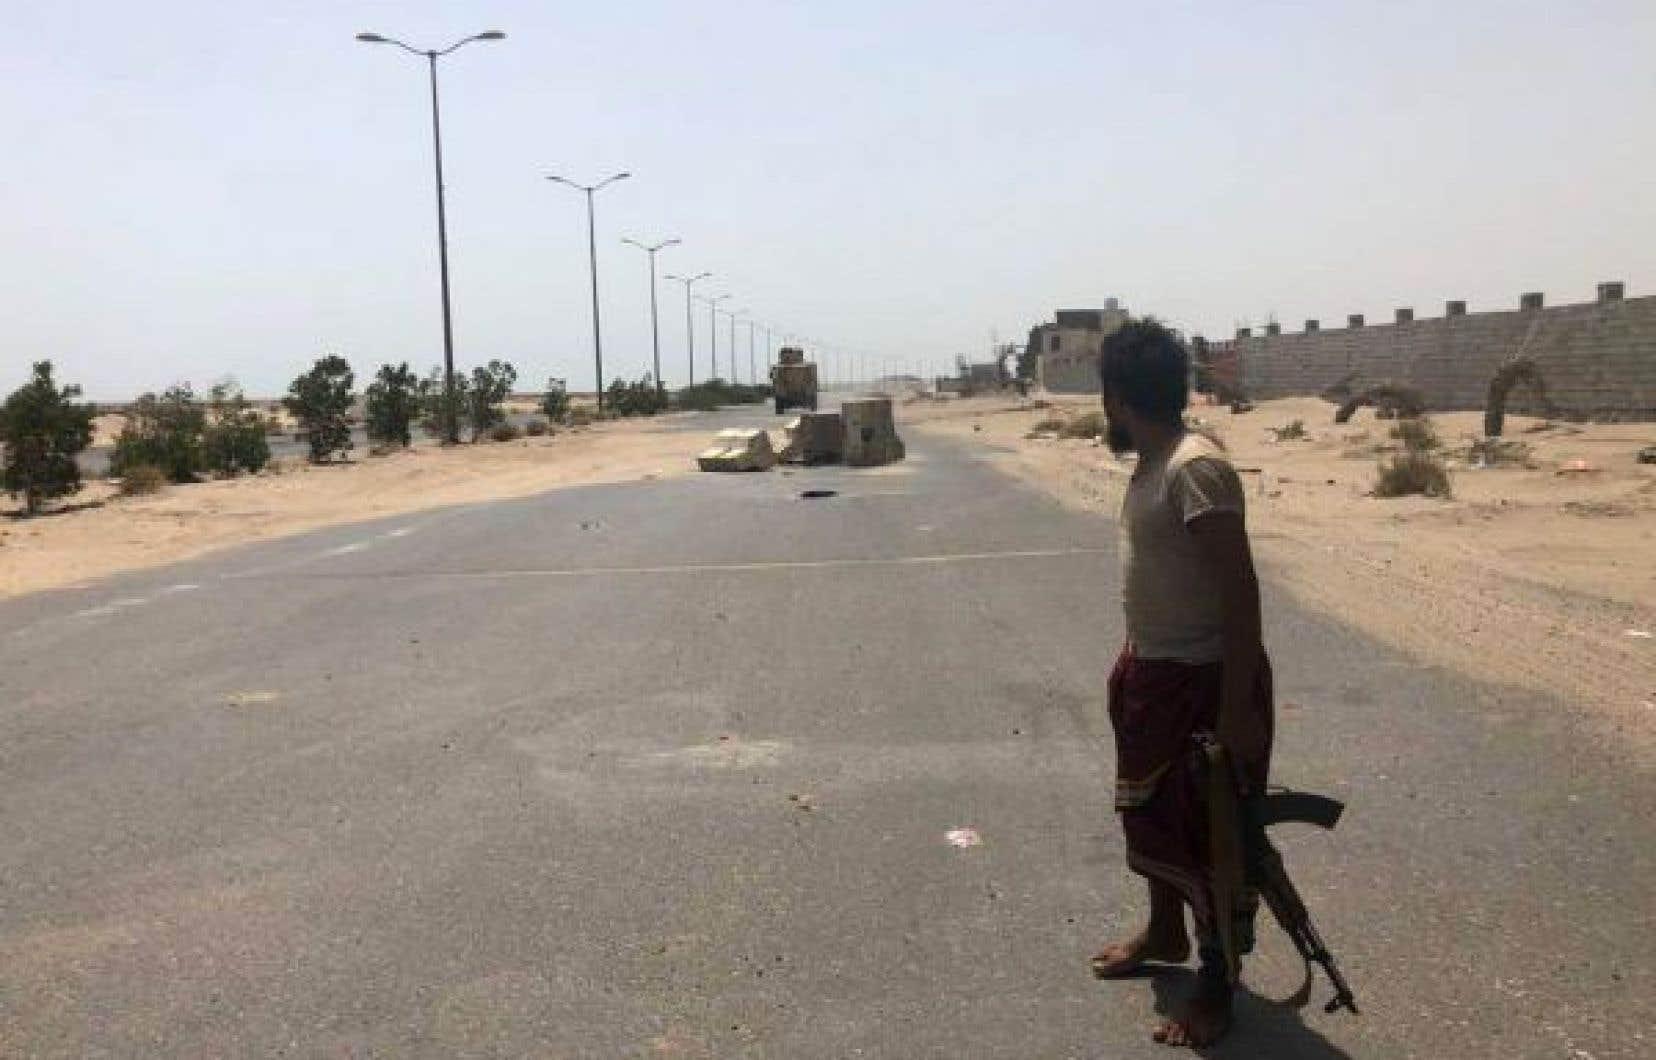 Un combattant des forces progouvernementales yéménites se tient sur une route dans le secteur de l'aéroport de Hodeida, dans l'ouest du Yémen, le 18 juin dernier.